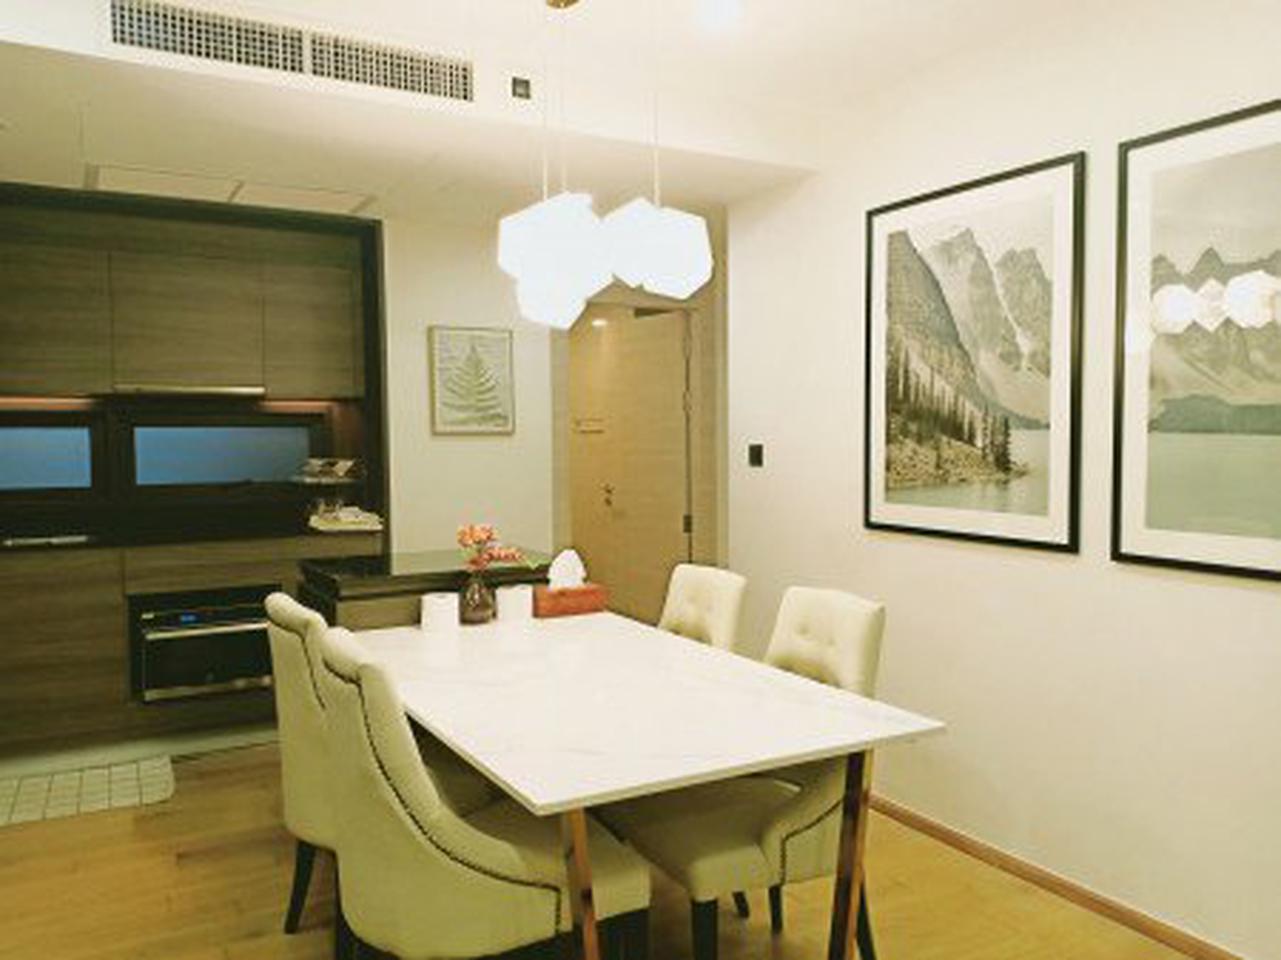 ขาย คอนโด For Sale Klass Langsuan Luxury condo on Langsuan rd. with Fully Furnished and Nice Decoration Klass หลังสวน 74 รูปที่ 3